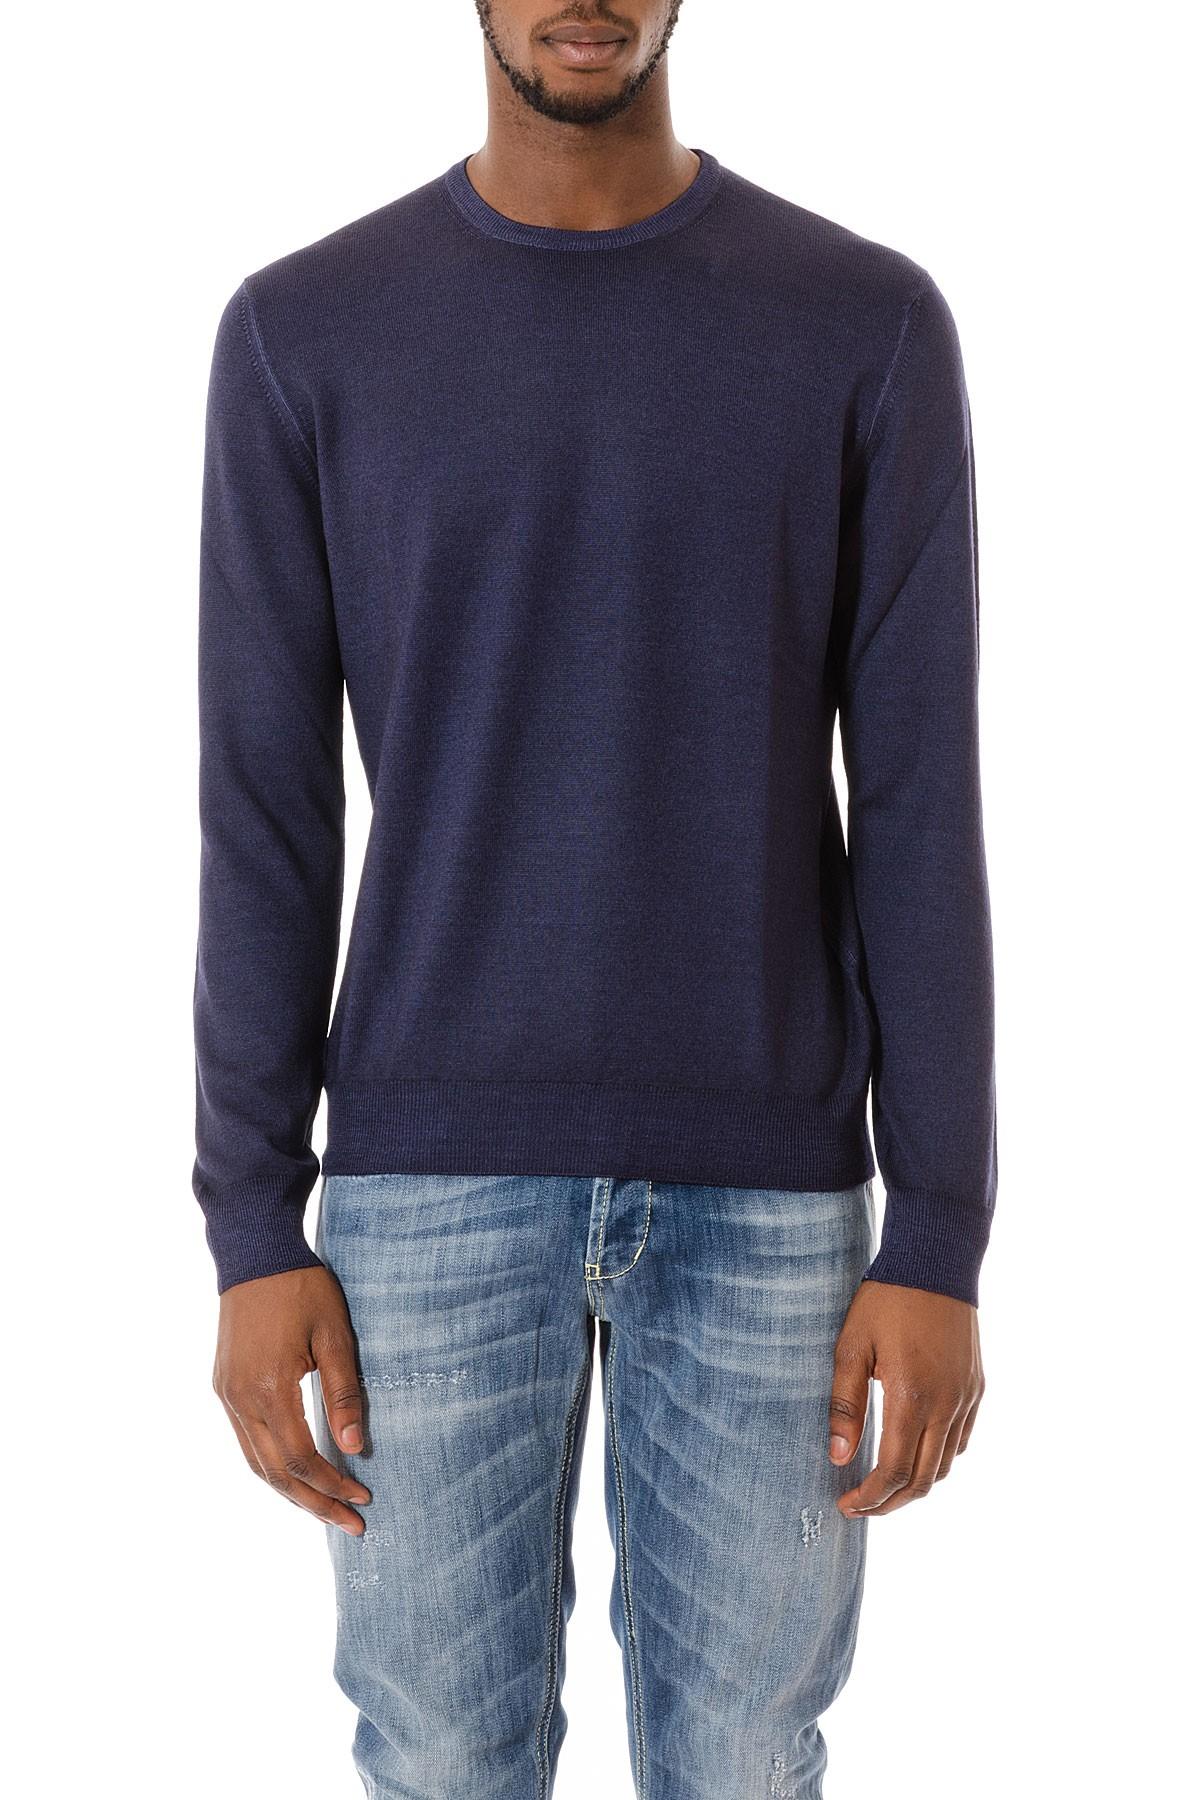 vendita calda online b53fc 90a84 Maglione blu per uomo FAY autunno inverno 15-16